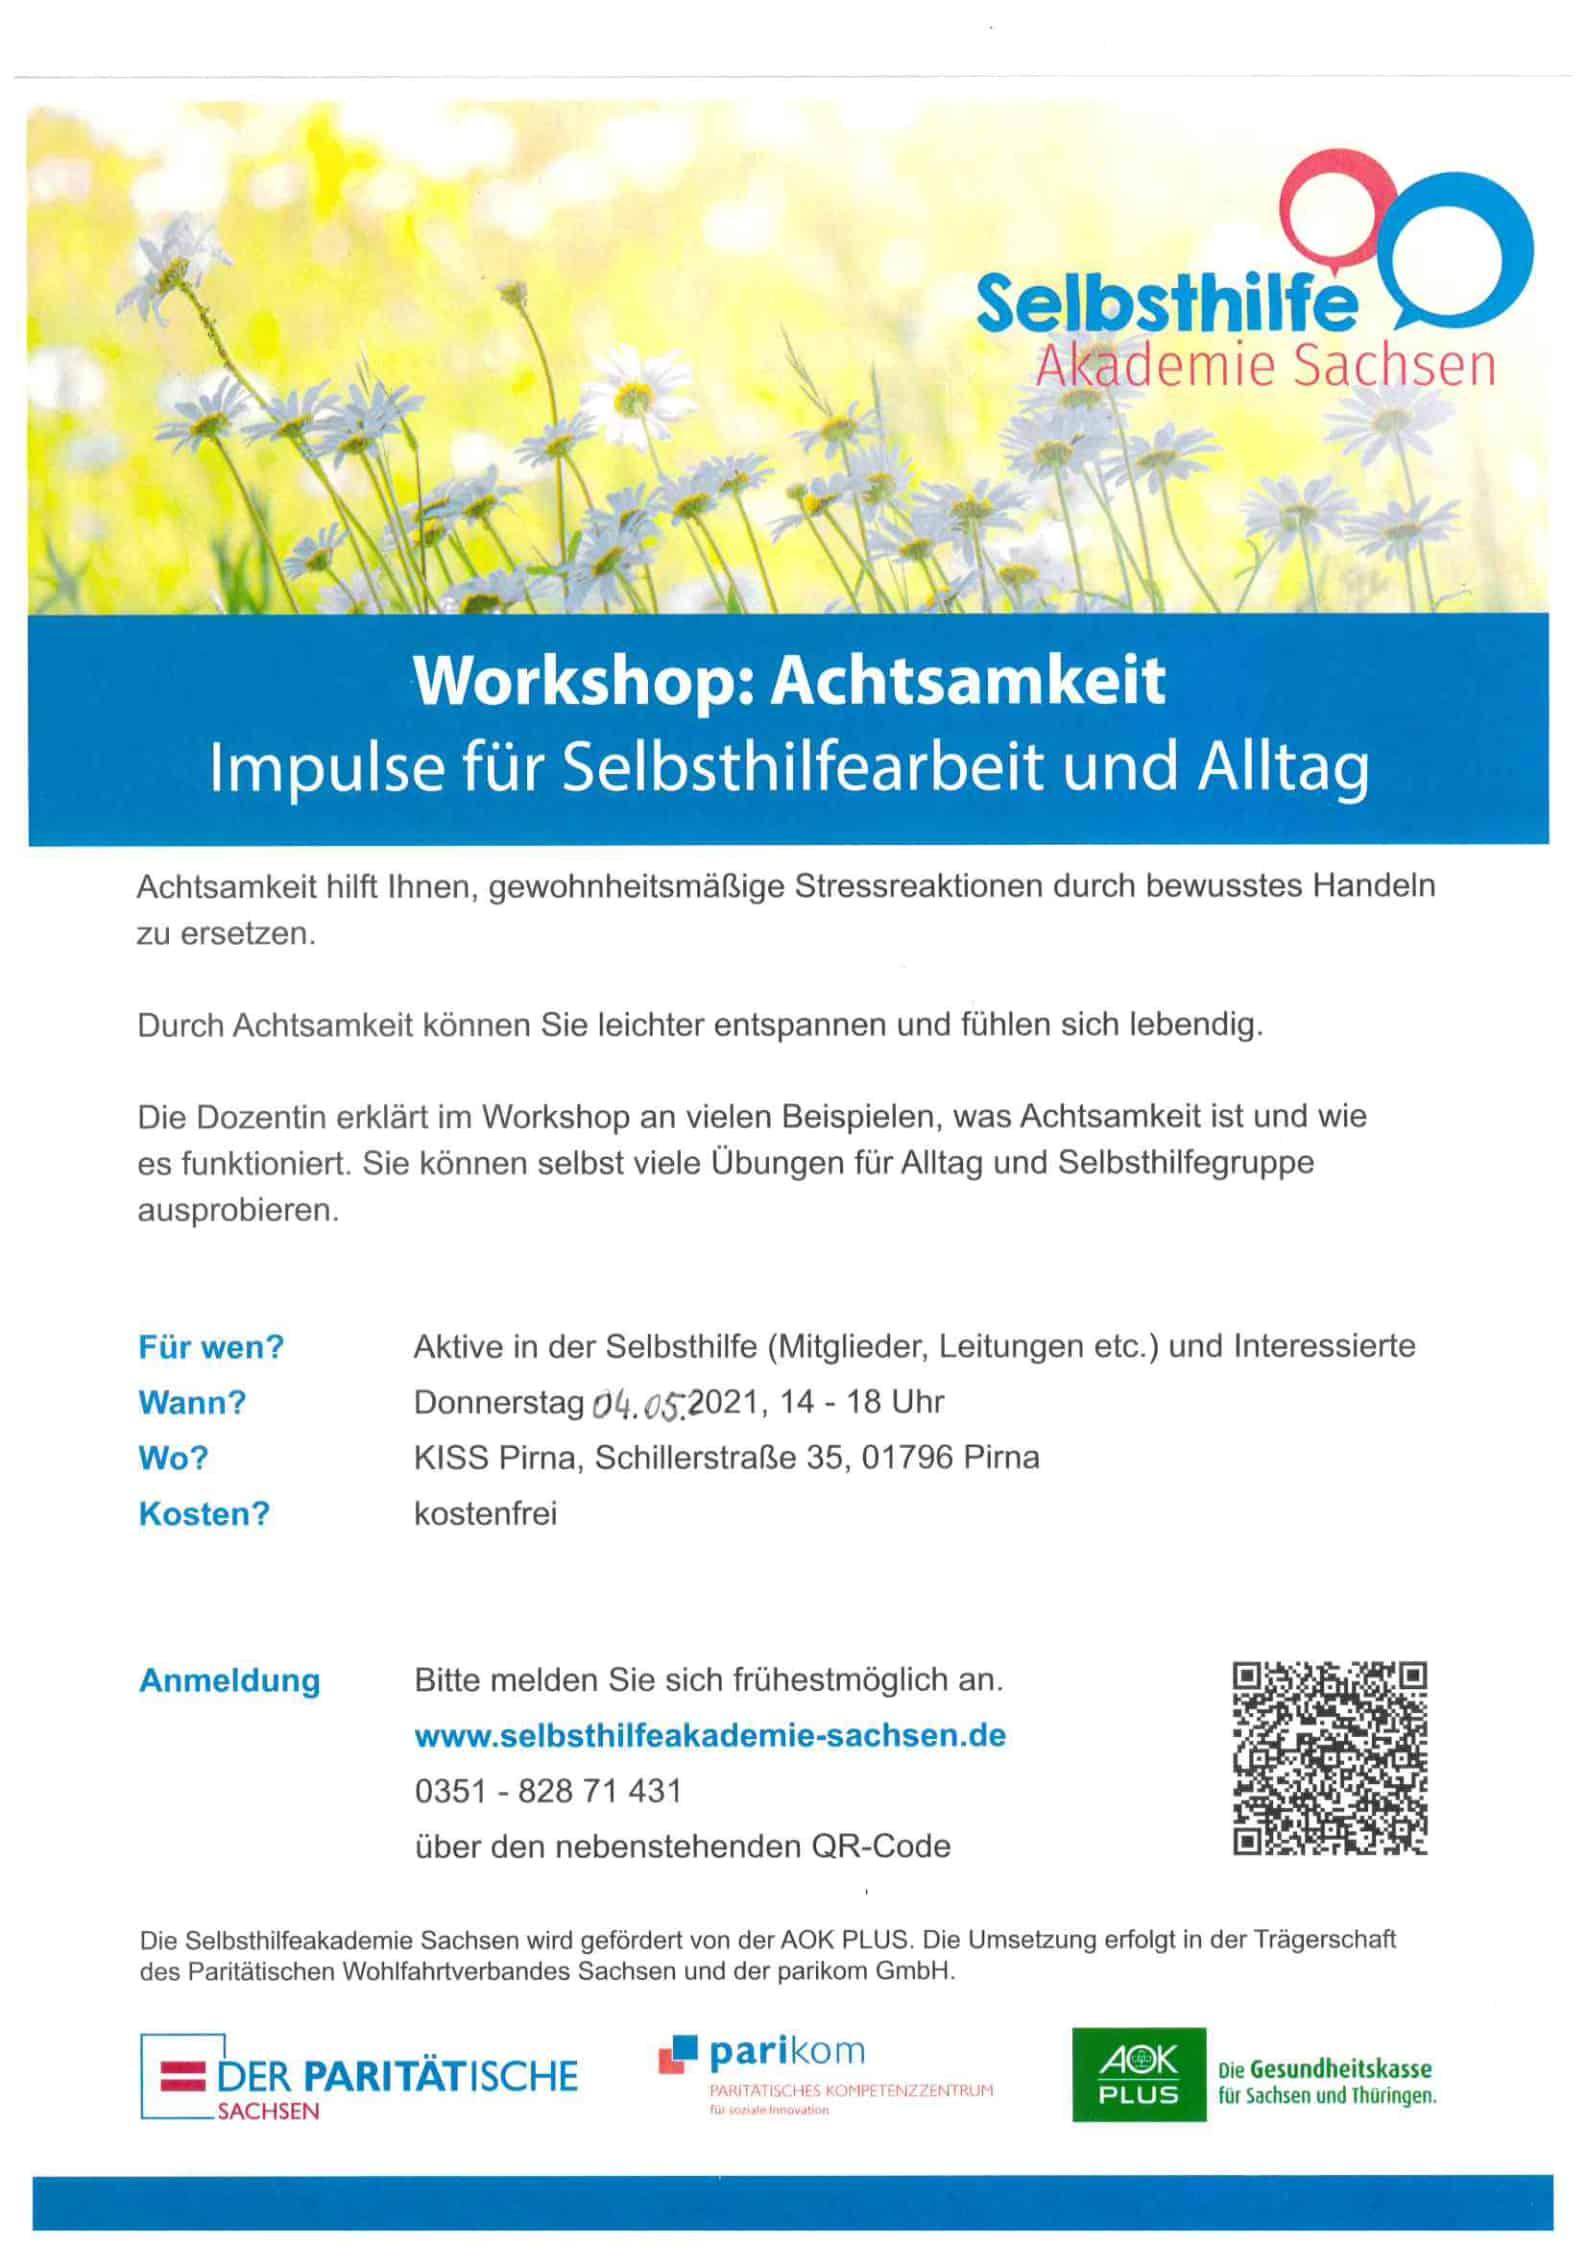 """Workshop zum Thema """"Achtsamkeit - Impulse für die Selbsthilfearbeit und Alltag"""""""